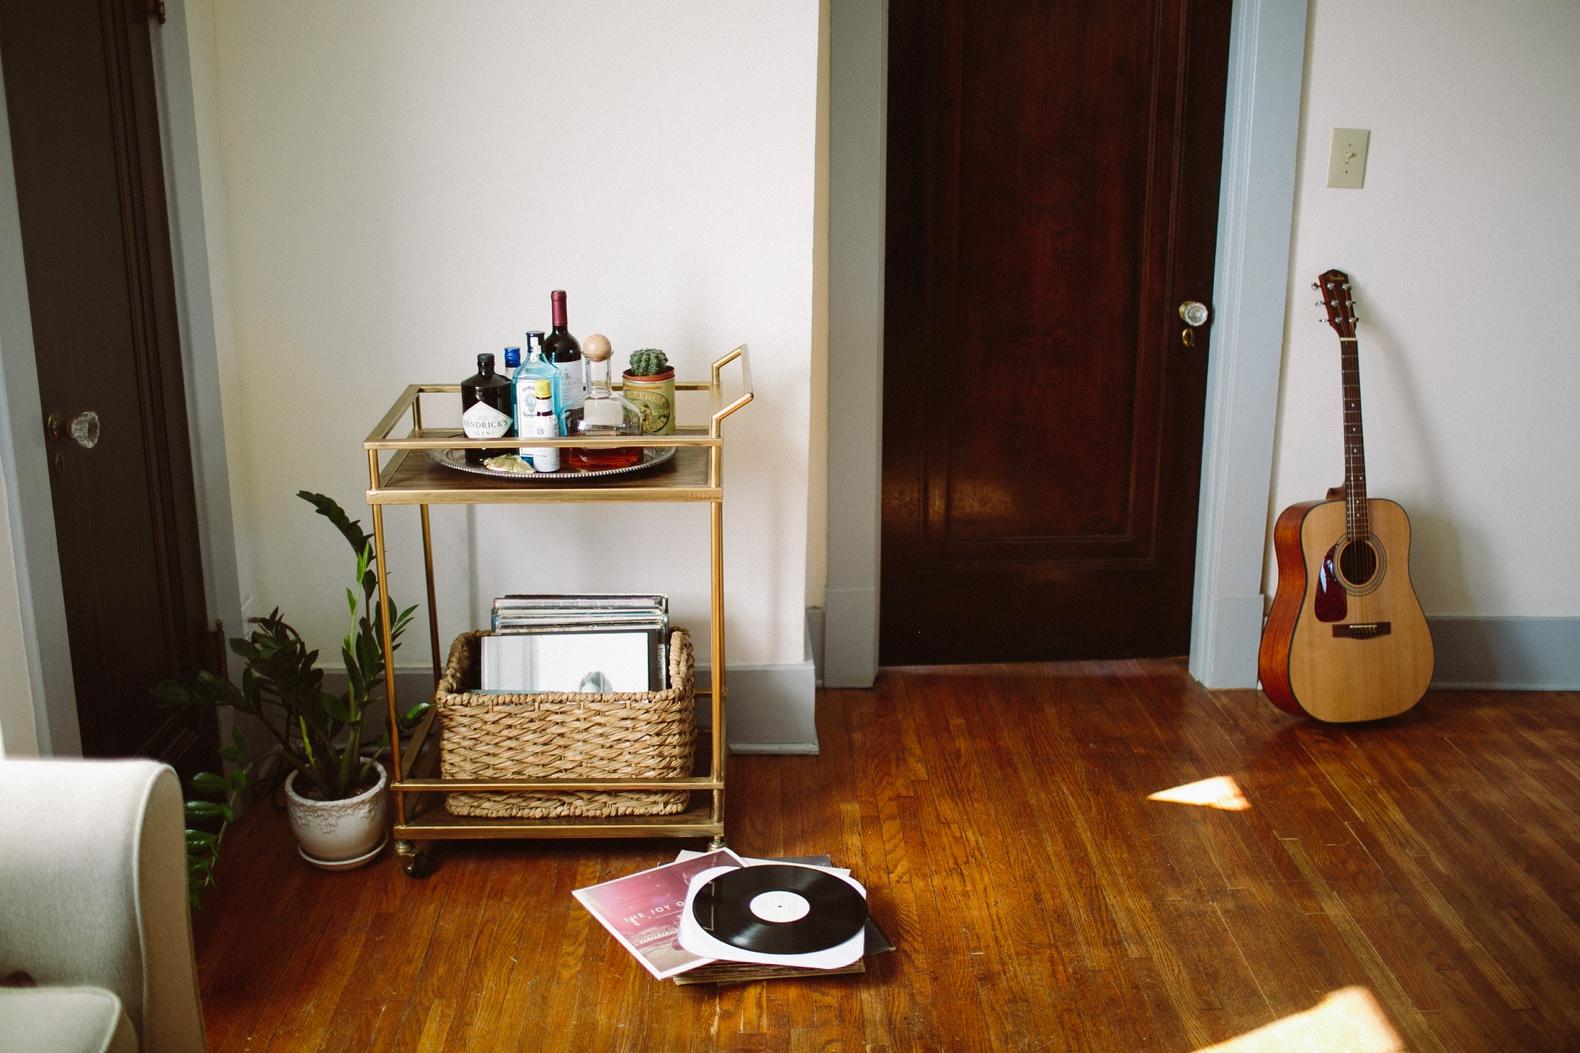 vinyl-me-please-0001